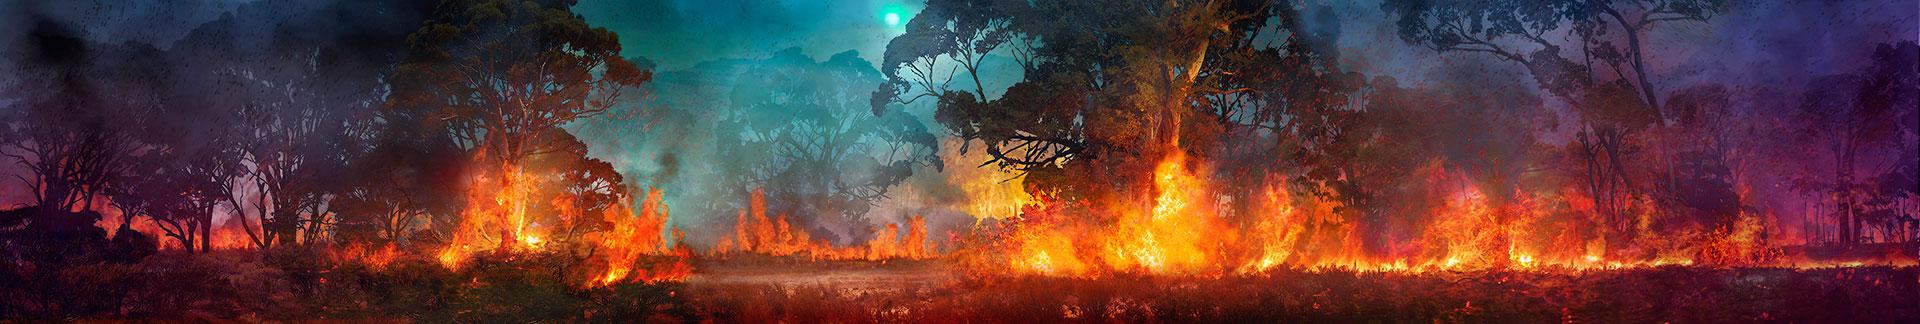 Digitalt målad scendekor till Kungsbyns djurpark, skapad på laj illustration. Tema, Australien.